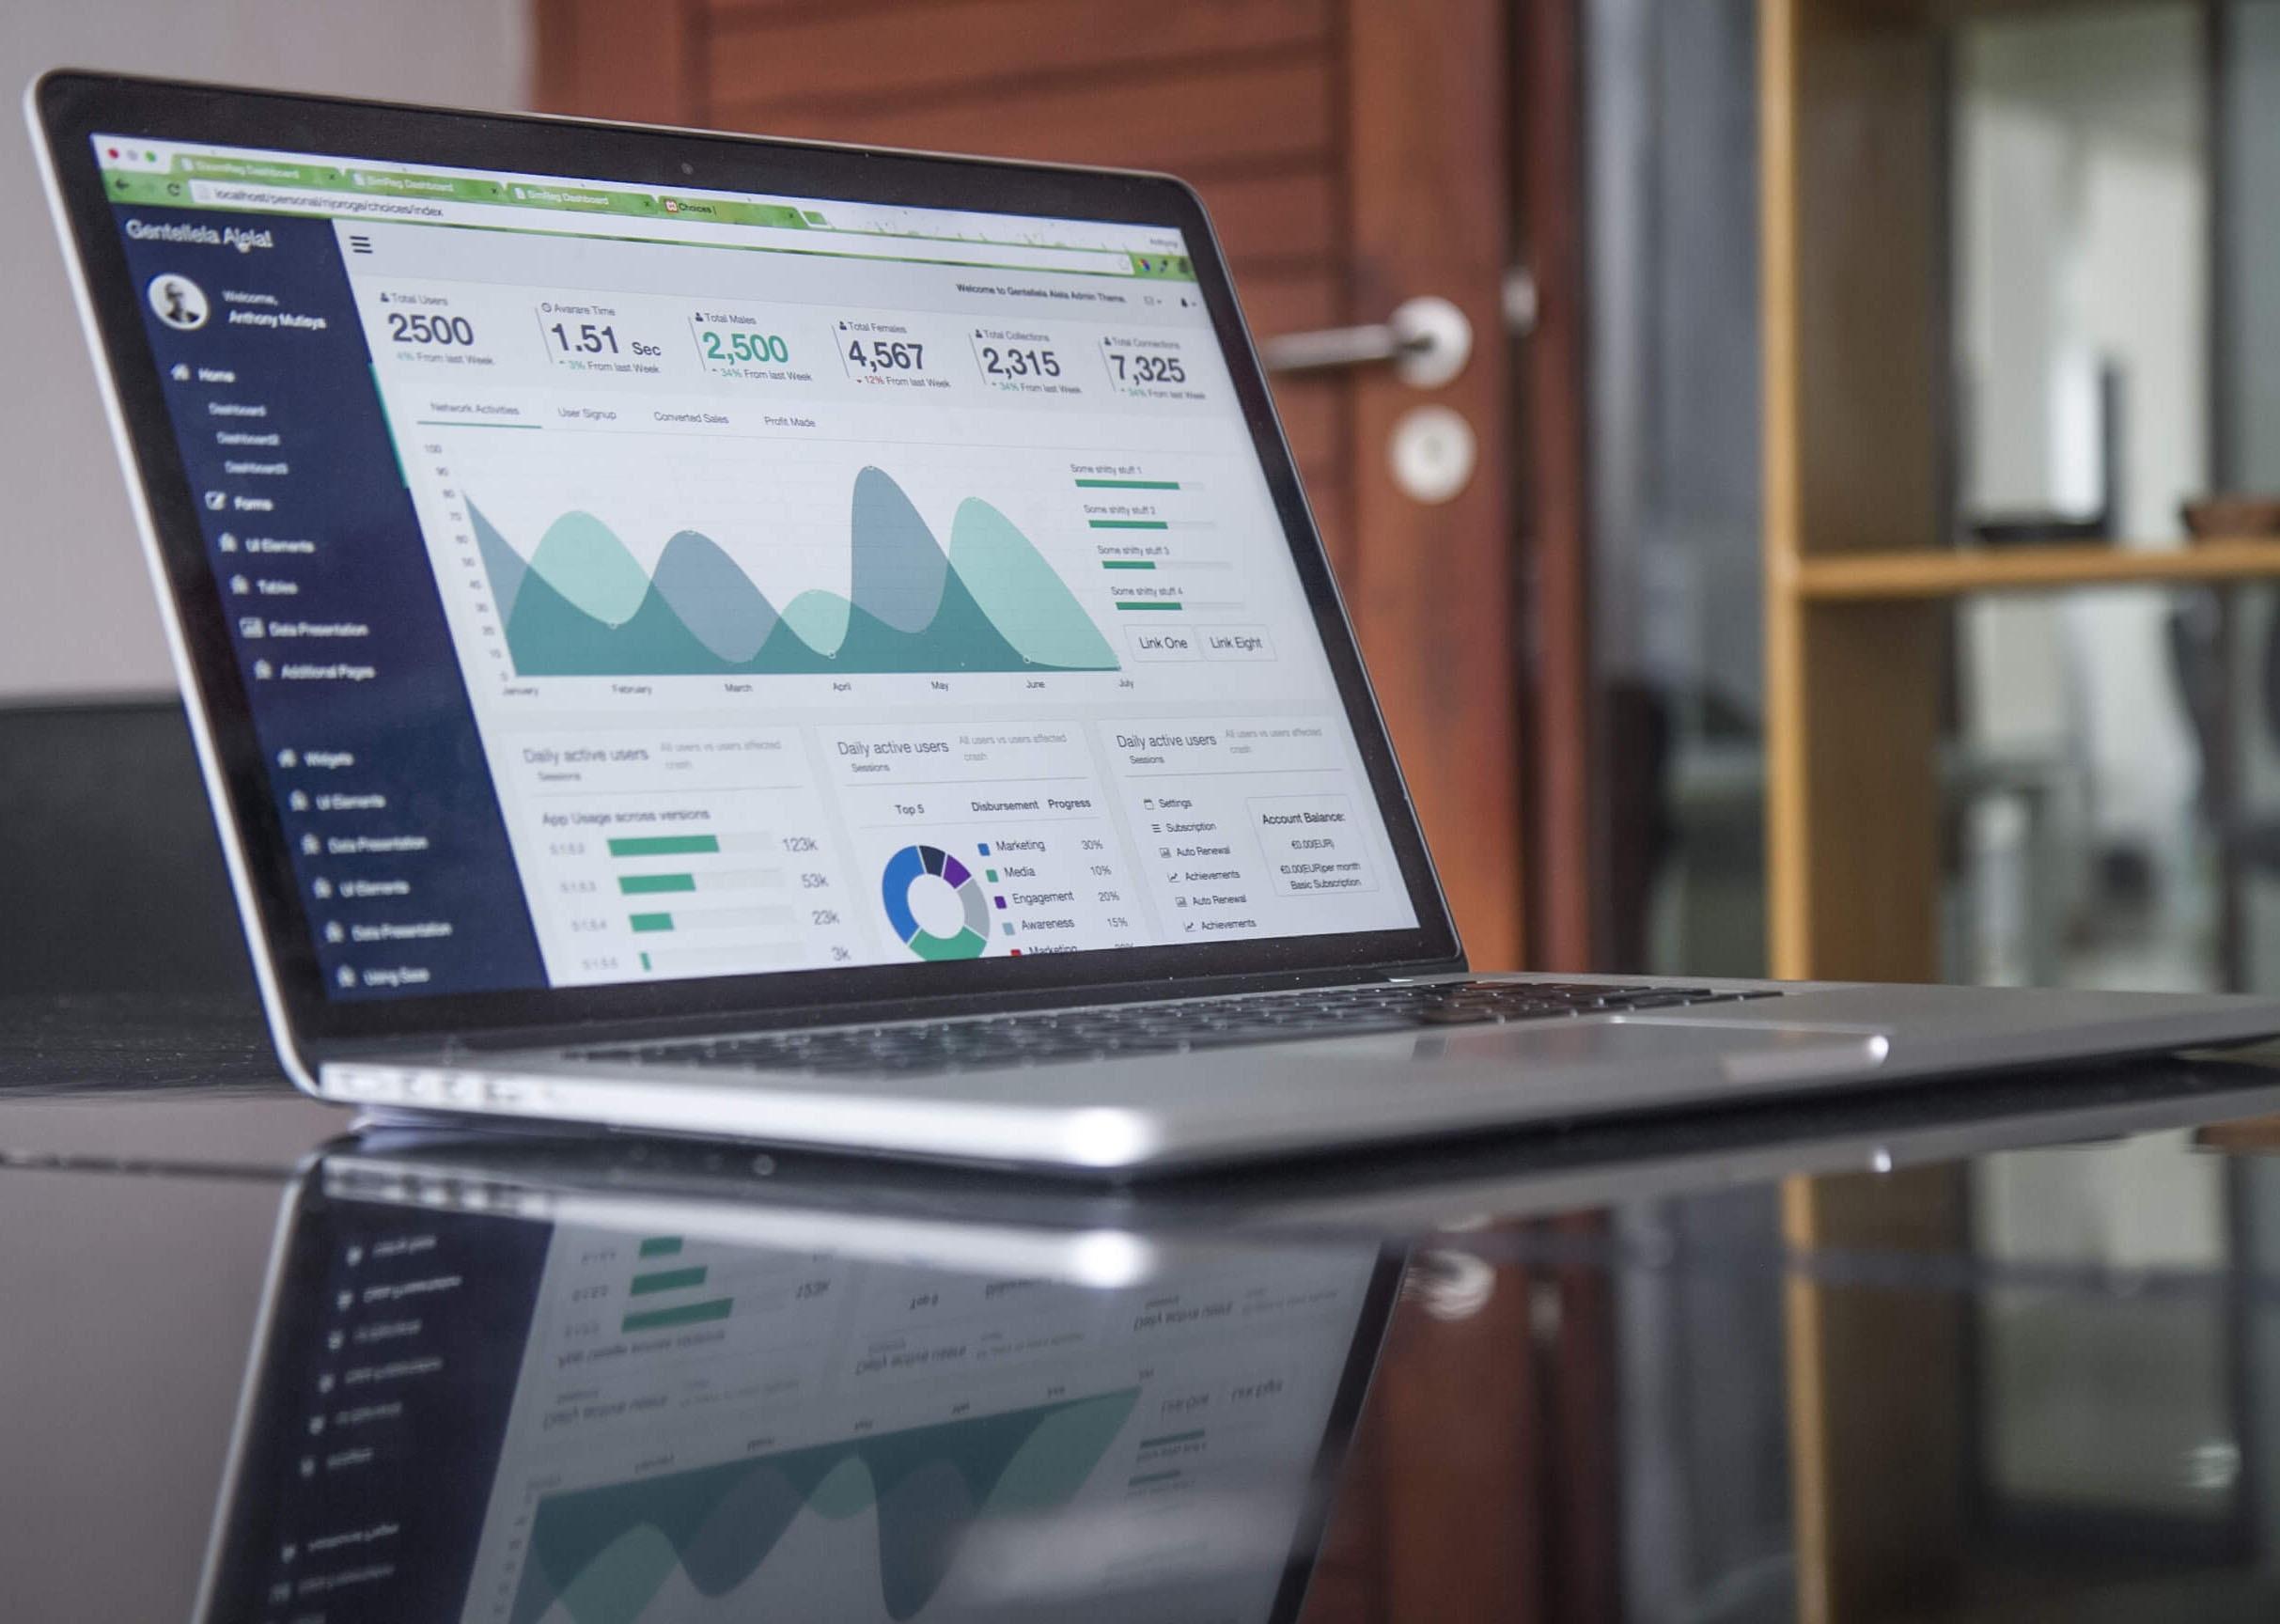 【企服专访】诸葛io 创始人孔淼:数据行业未来 3 到 5 年迎来拐点